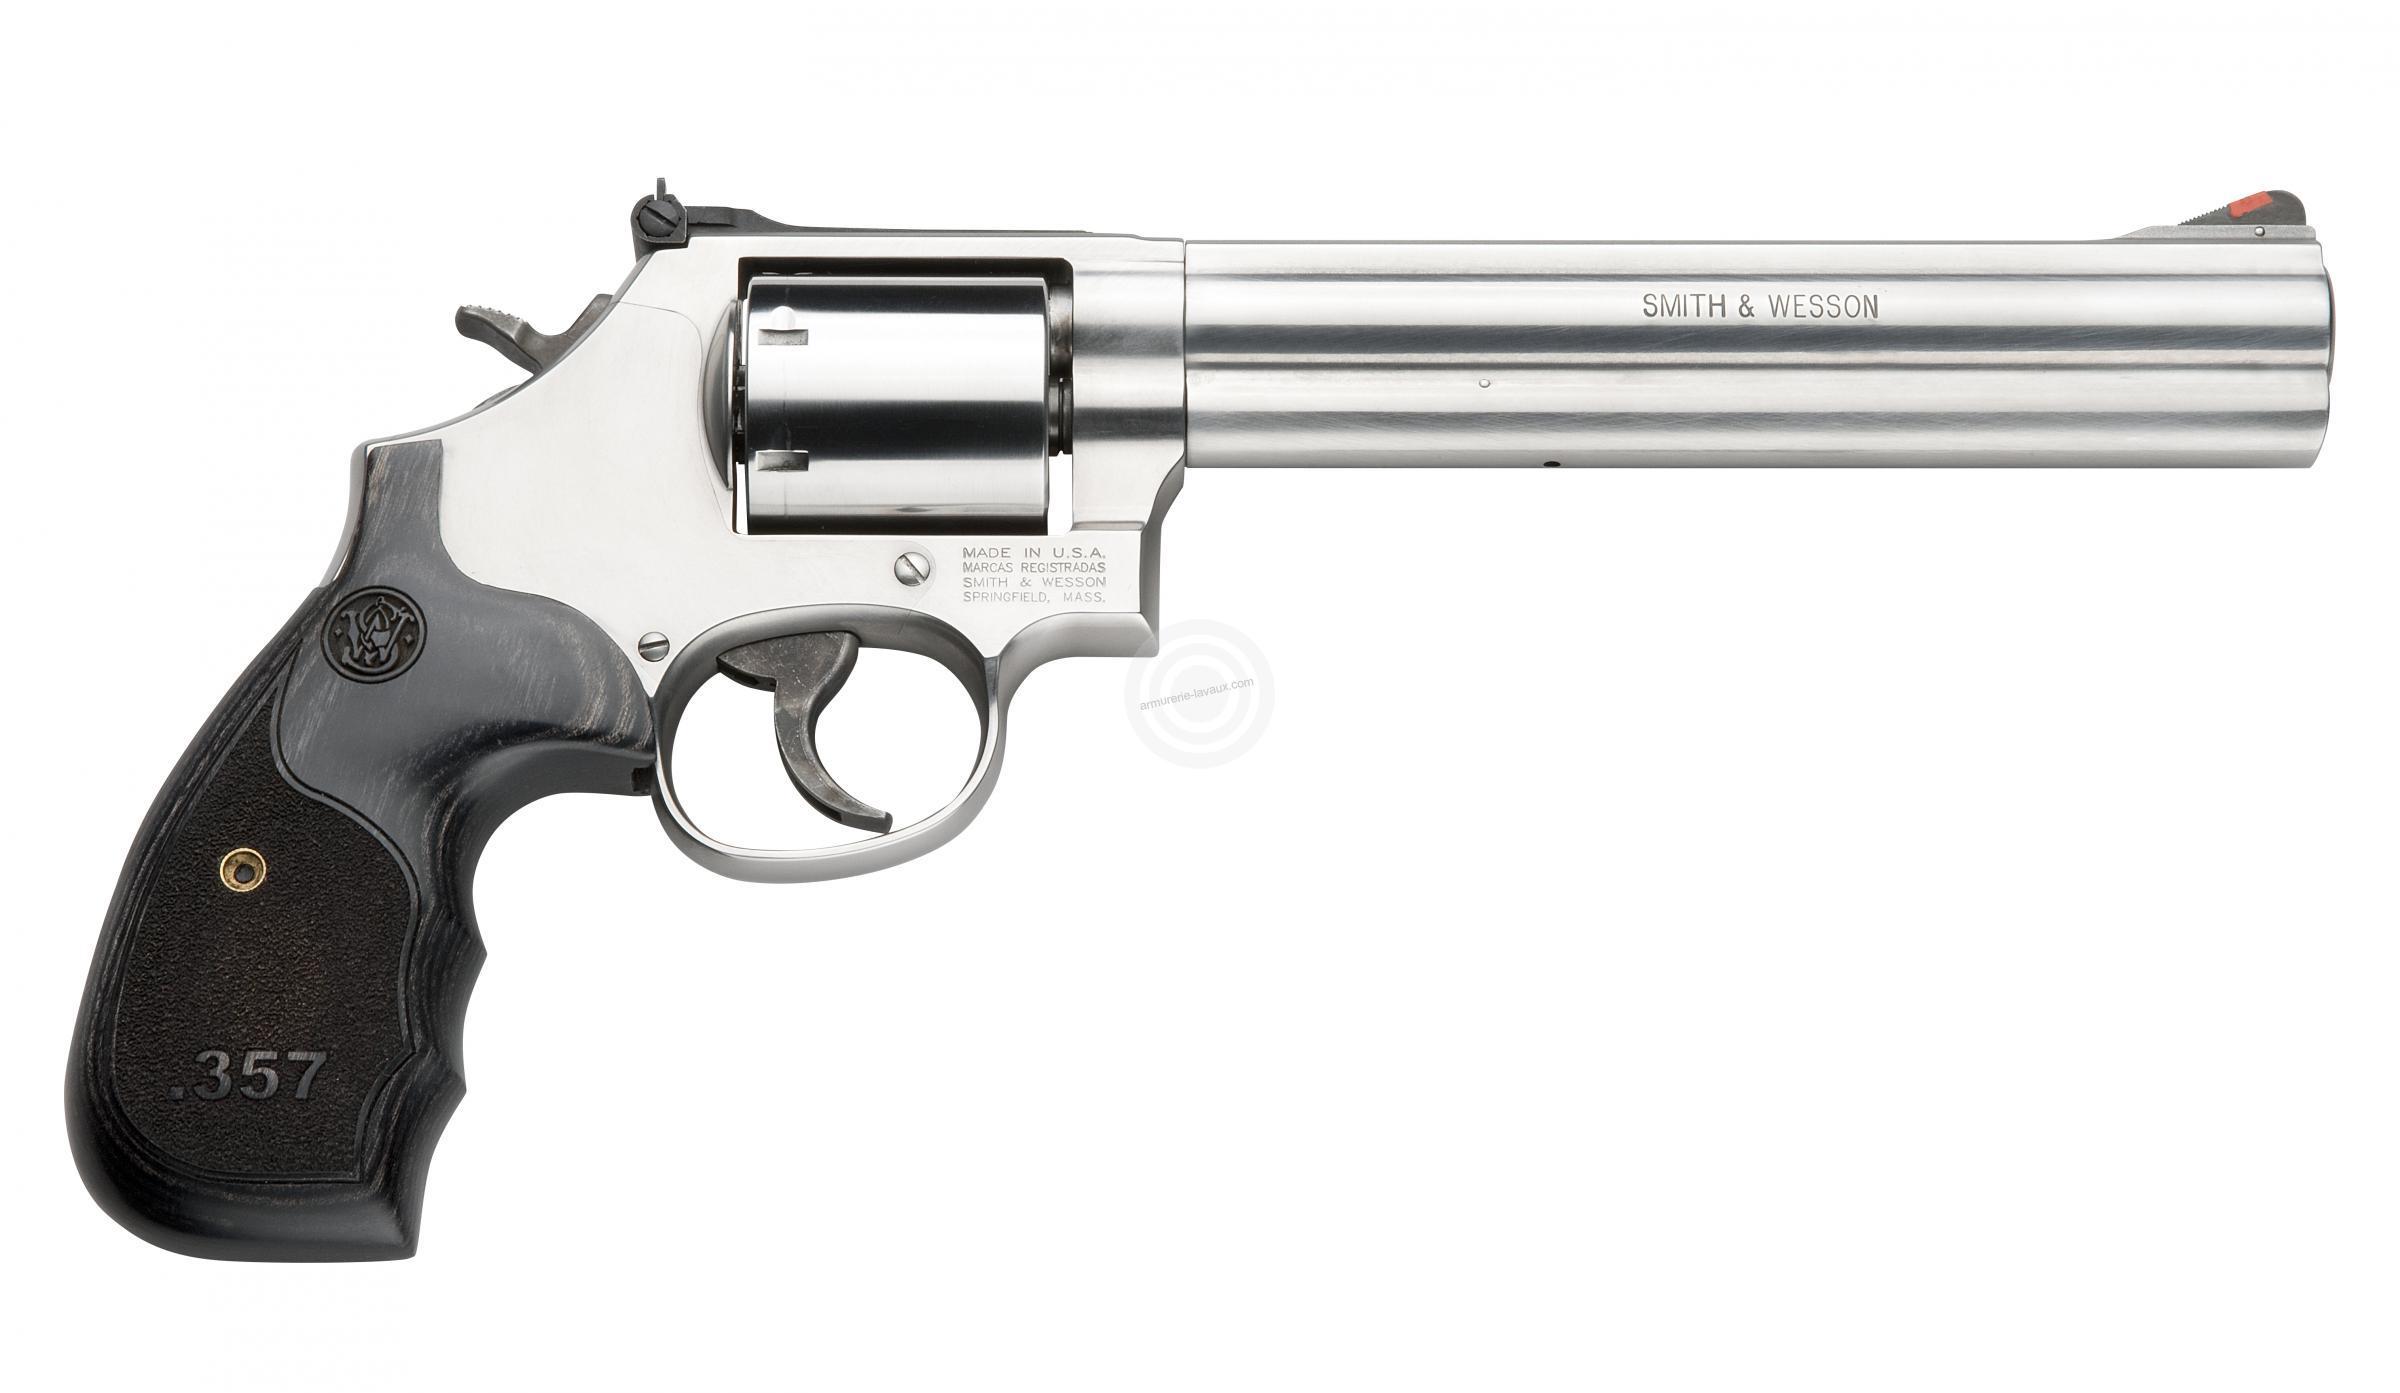 Revolver SMITH & WESSON 686 PLUS 3-5-7 Magnum Series 7